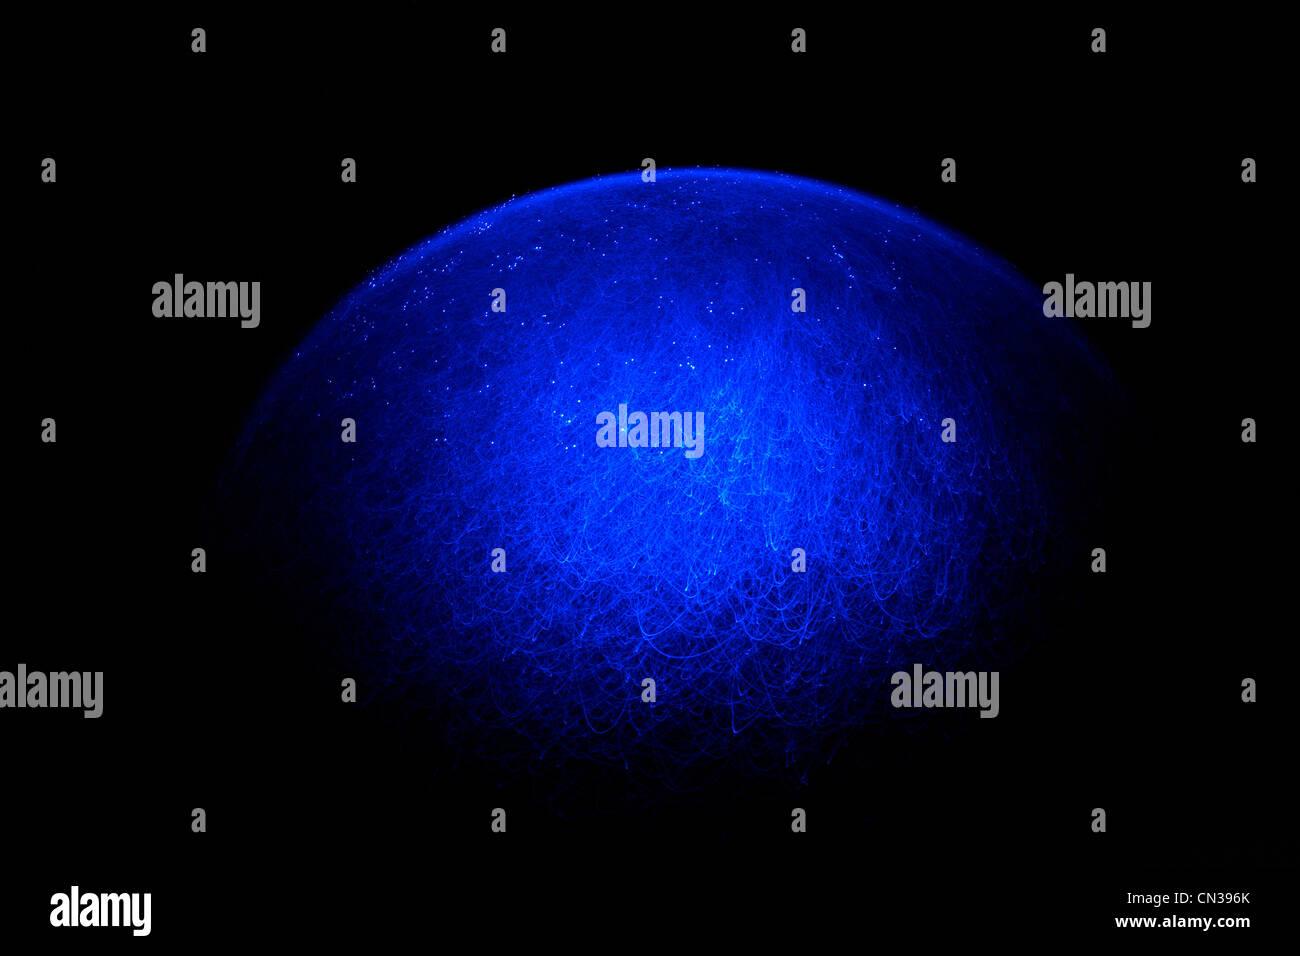 Blue fibre optic light pattern - Stock Image